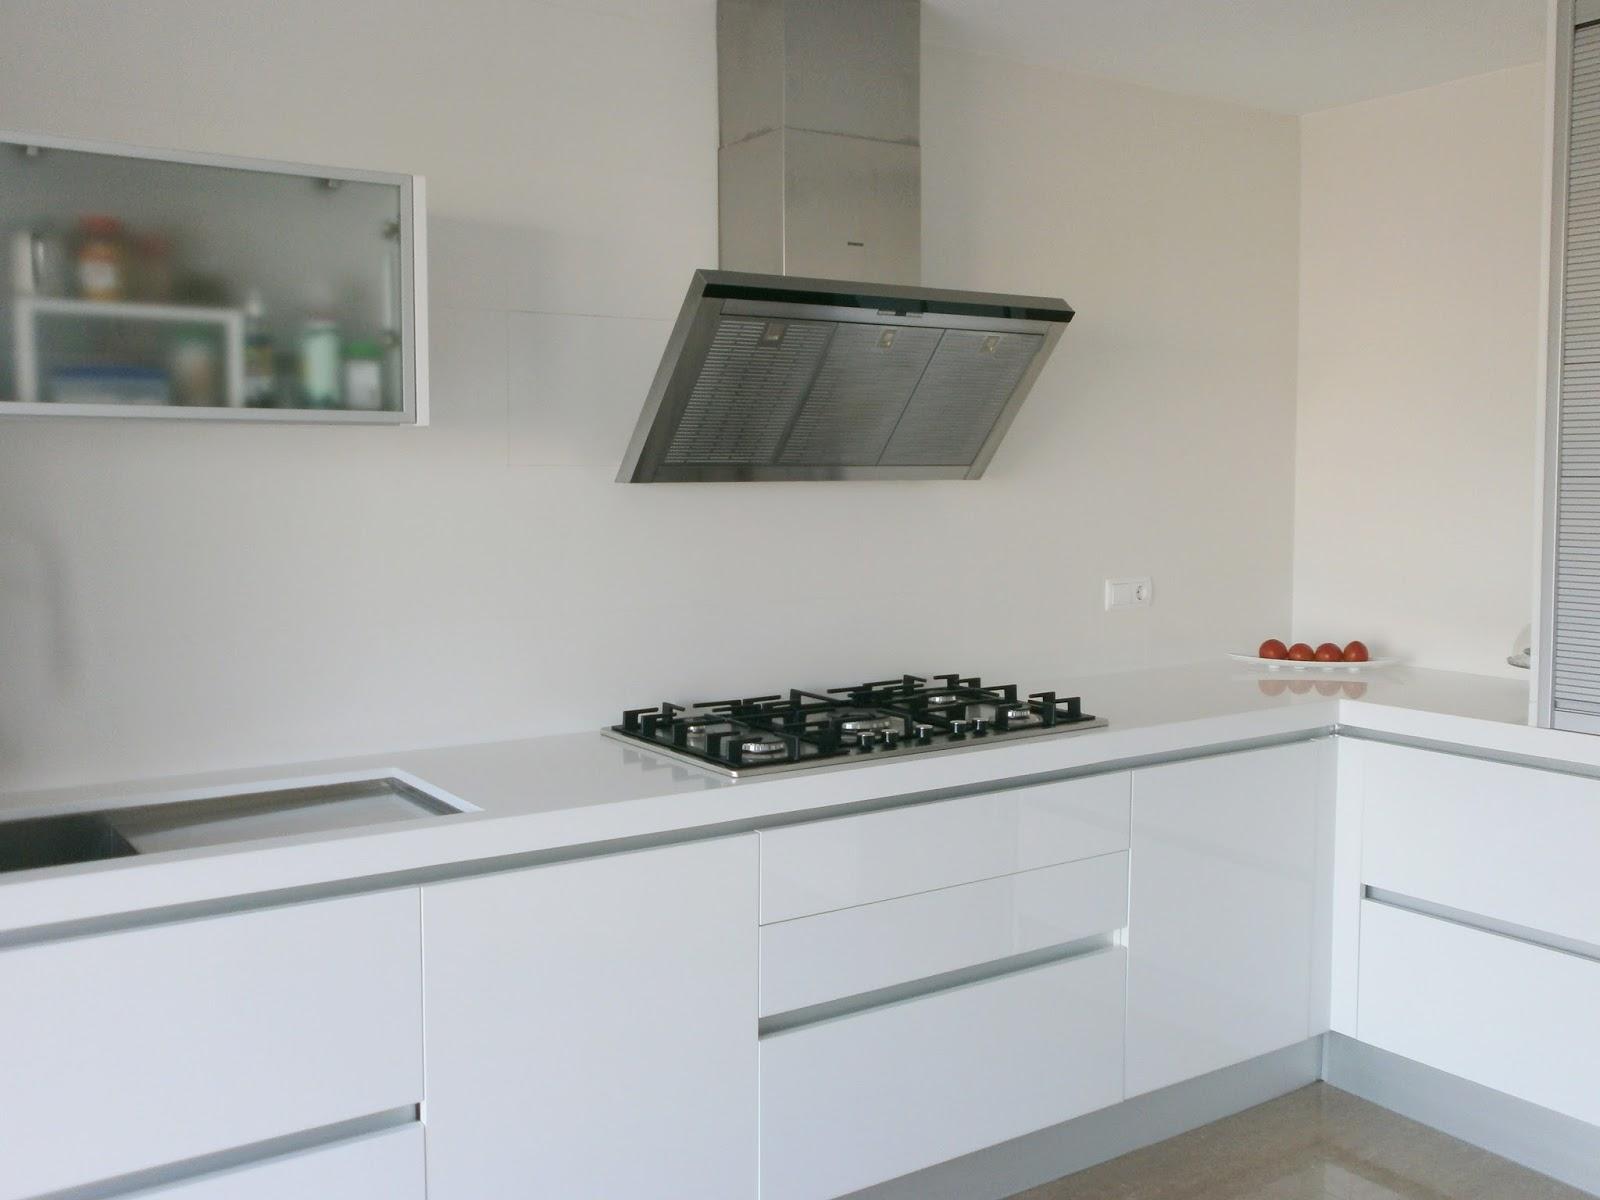 Fotos de cocinas blancas un blog sobre bienes inmuebles for Cocina lidl madera